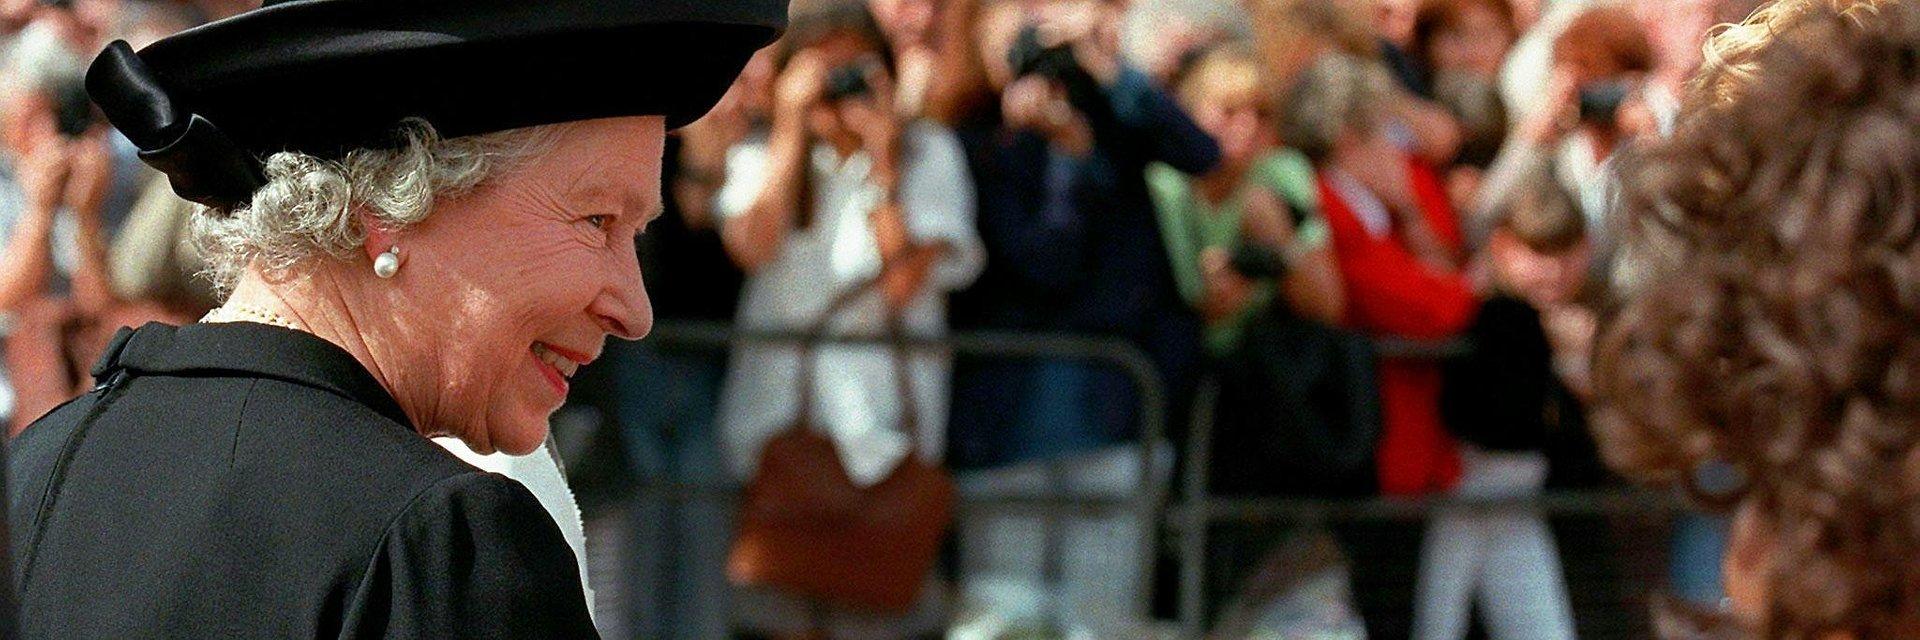 """Co naprawdę oznacza """"Być królową""""? Niepublikowane historie z życia Elżbiety II w najnowszym filmie Toma Jenningsa w National Geographic"""